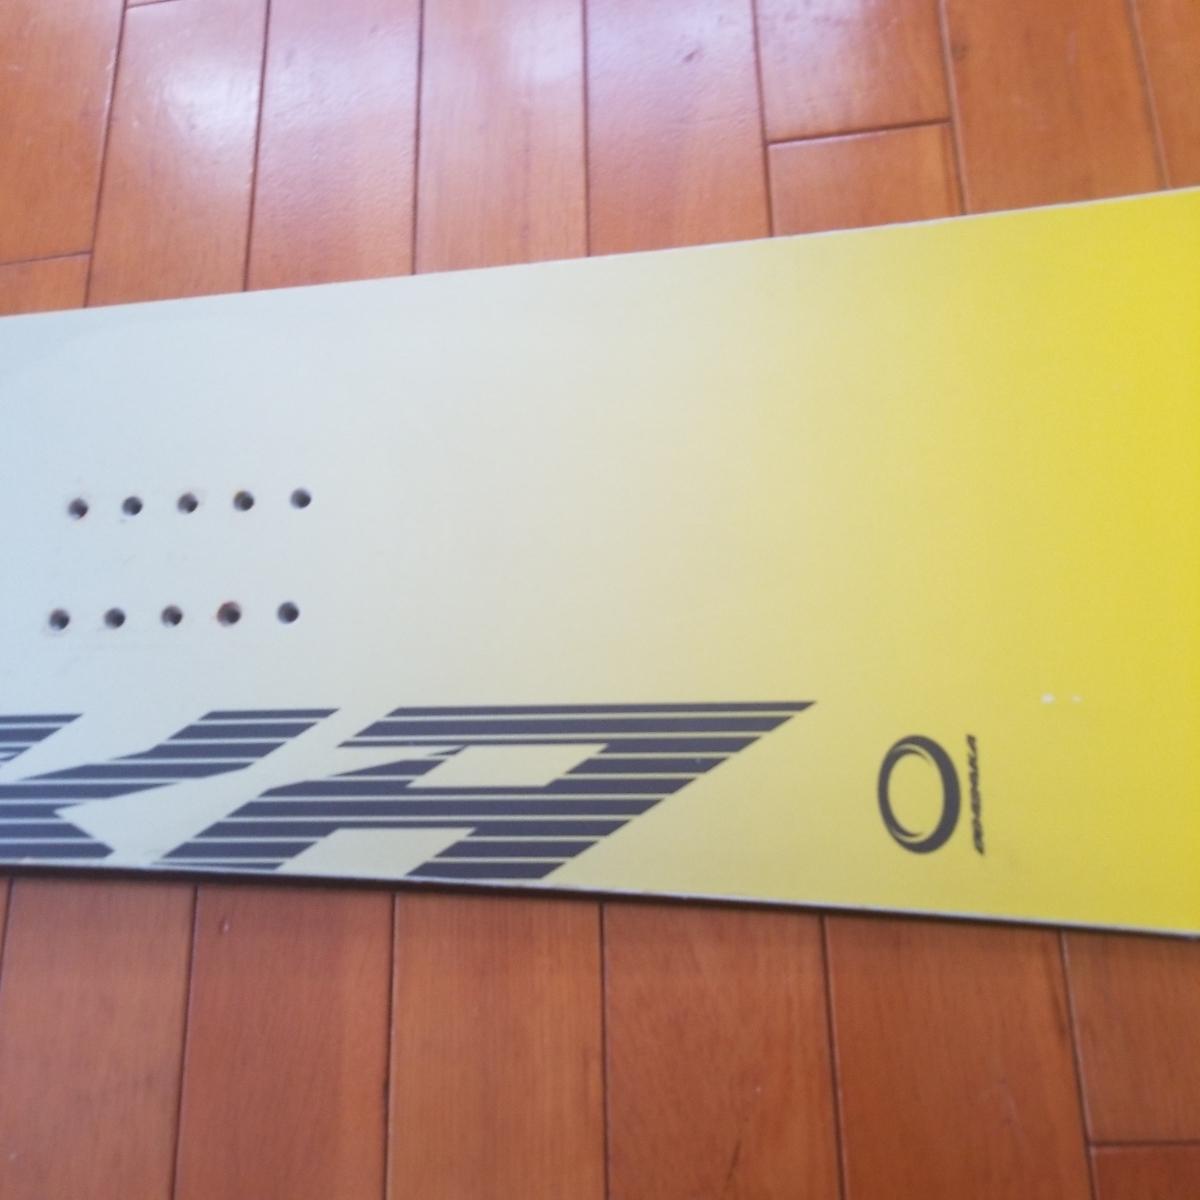 ★即乗れます-春シーズン-Ogasaka-Evolution-SL-159ソールガード付き滑走面ホットワックスブラッシング-エッジチューンアップsgmossyonexf2_画像6